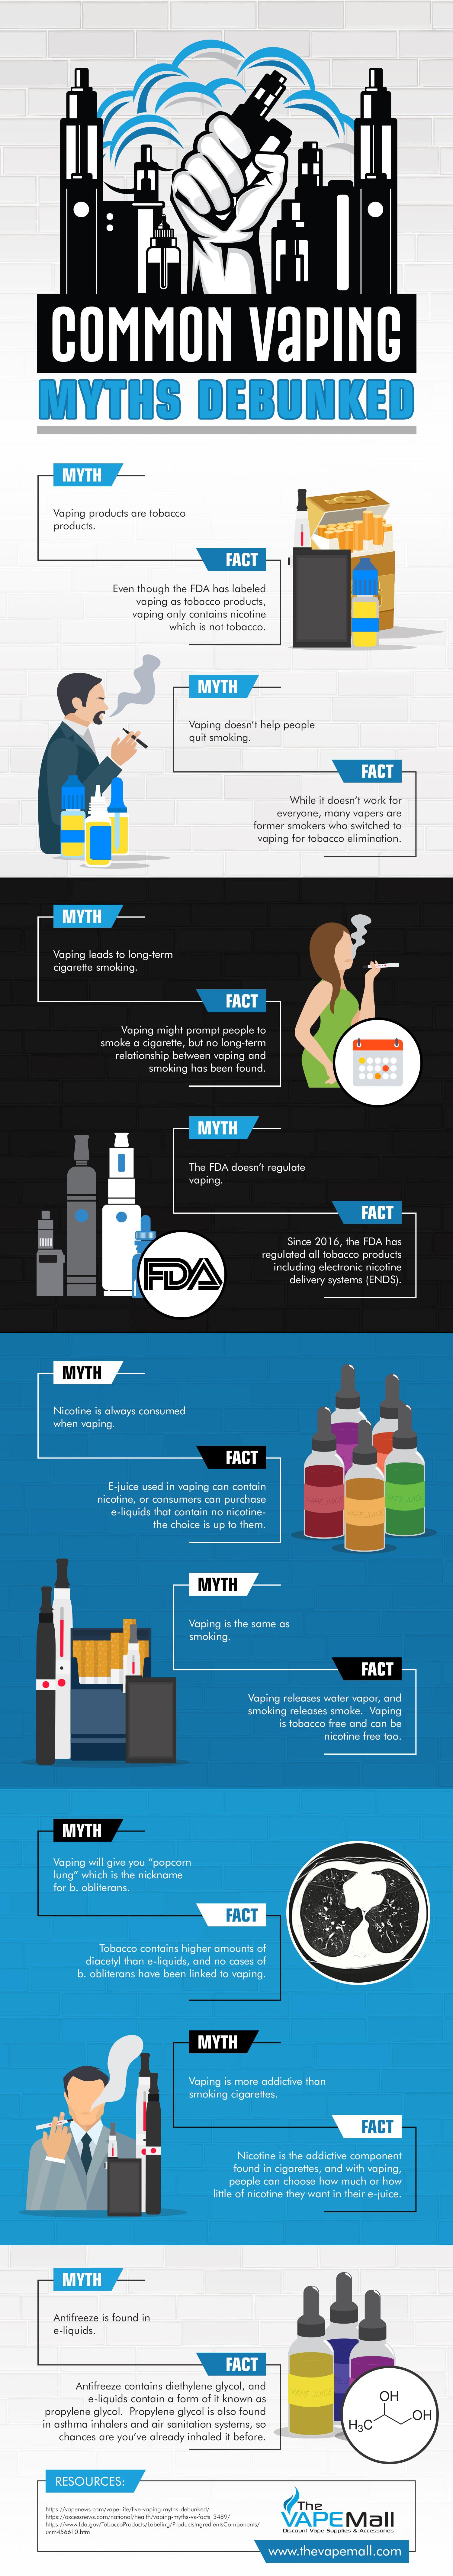 common-vaping-myths-debunked.jpg